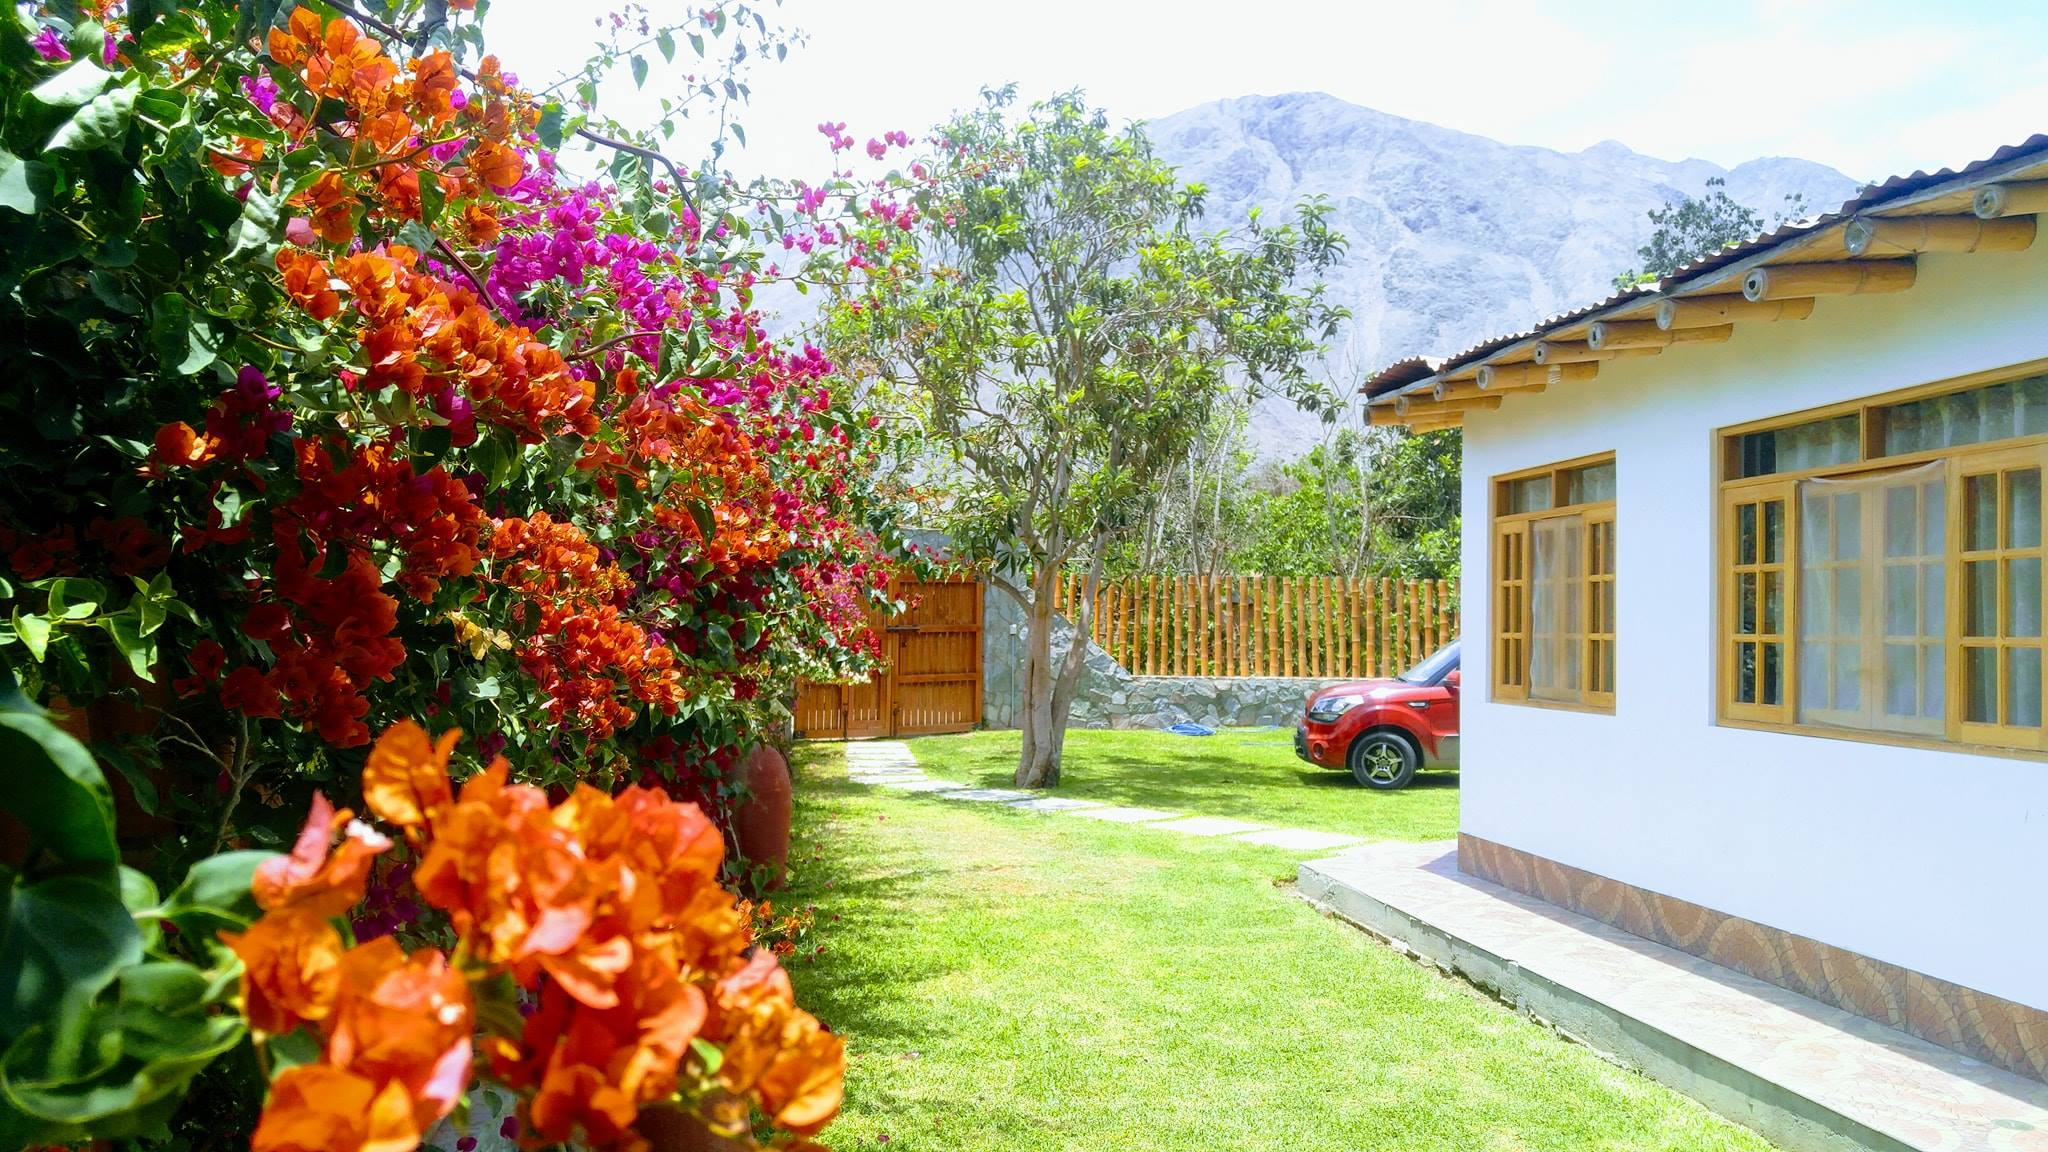 Casa de campo Belen lunahuana 14